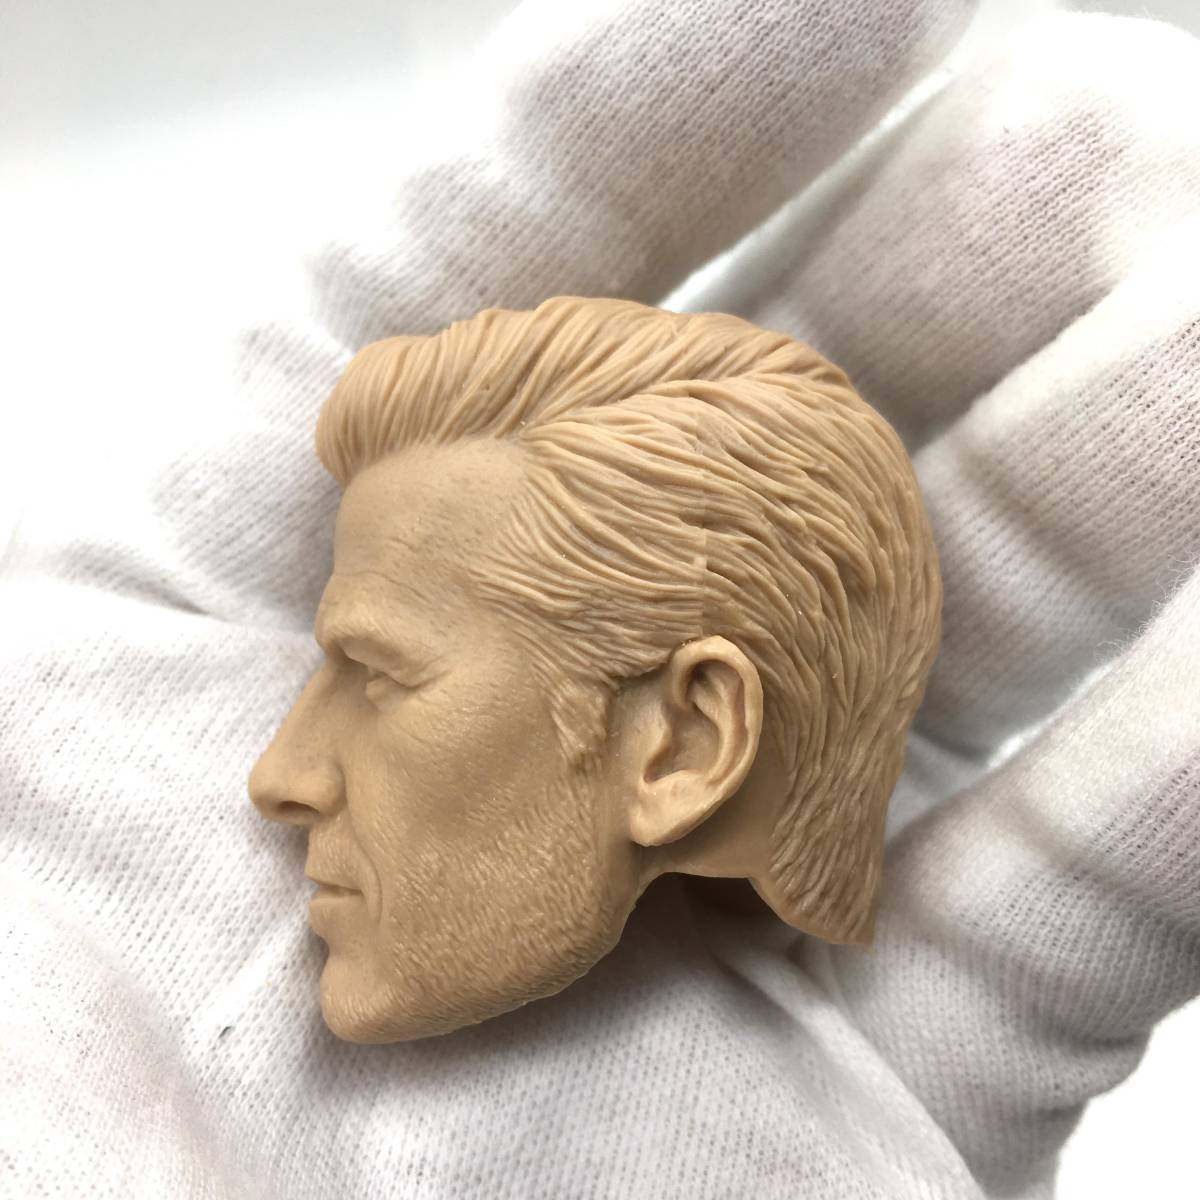 送料無料 1/6 DIY ヘッド 手作り 未塗装男性ヘッド デビッド・ベッカム 番号B32_画像8